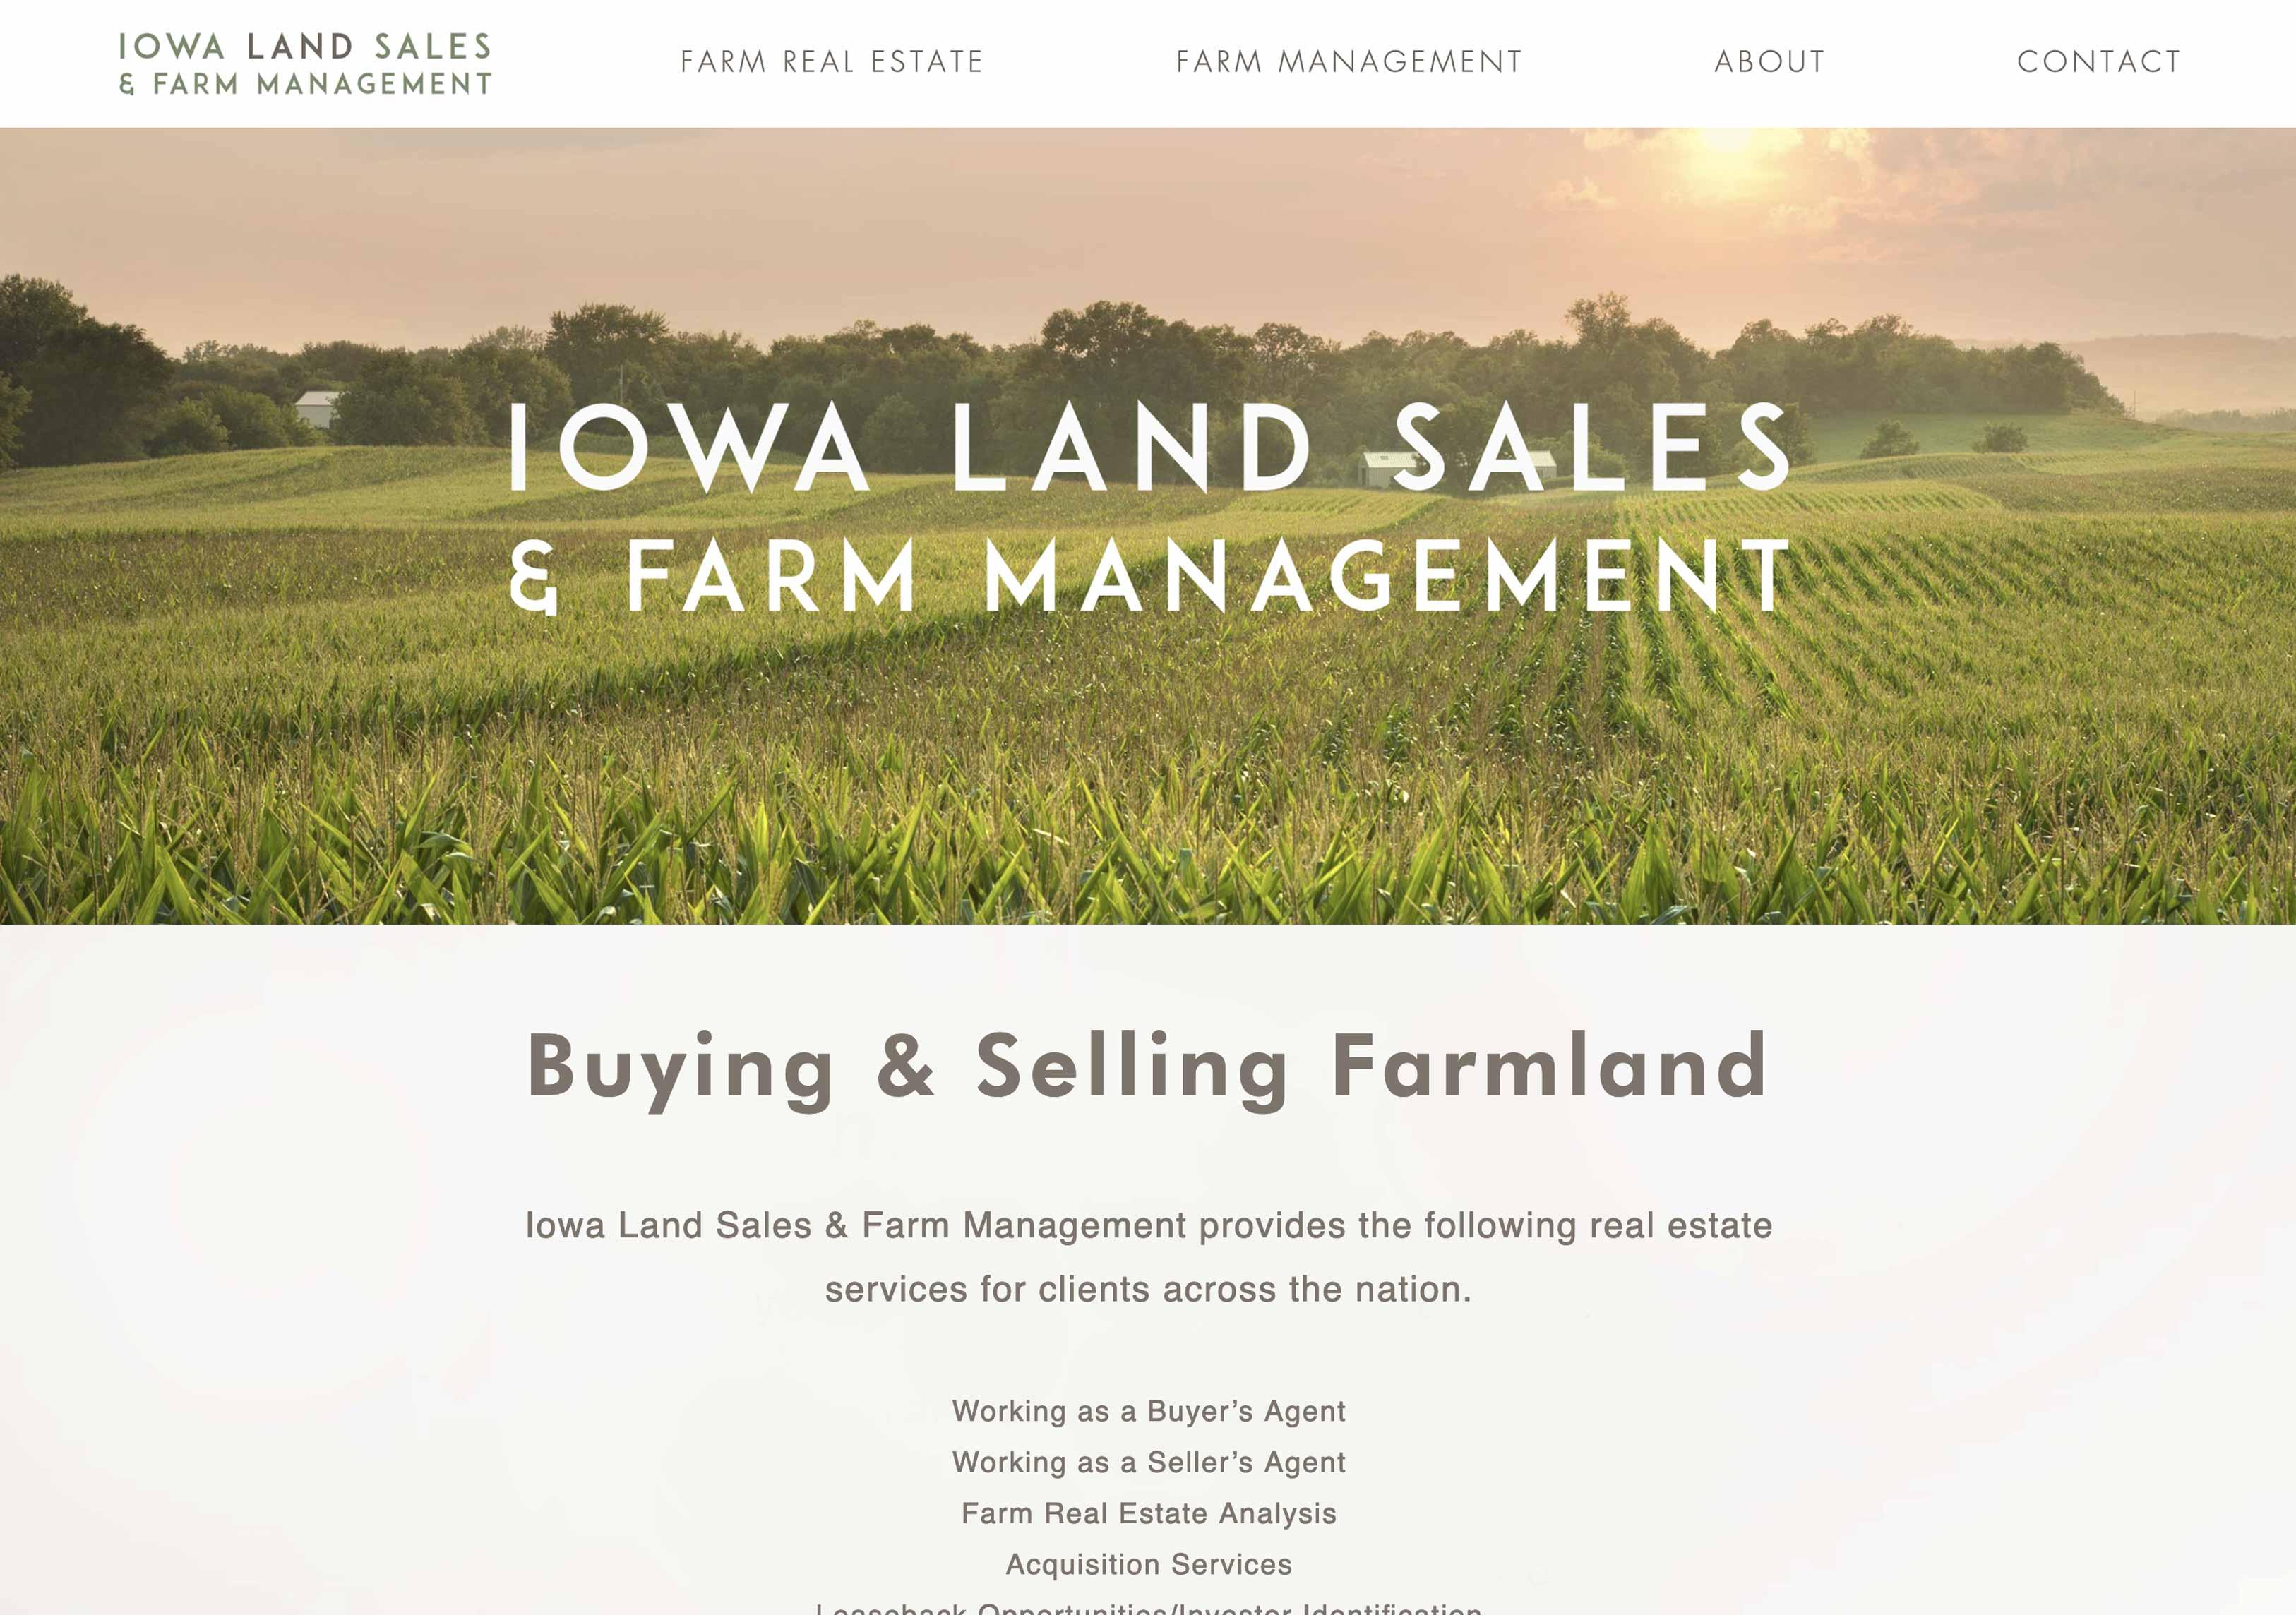 Iowa Land Sales 2.0 Web Site Design by Shrieking Tree